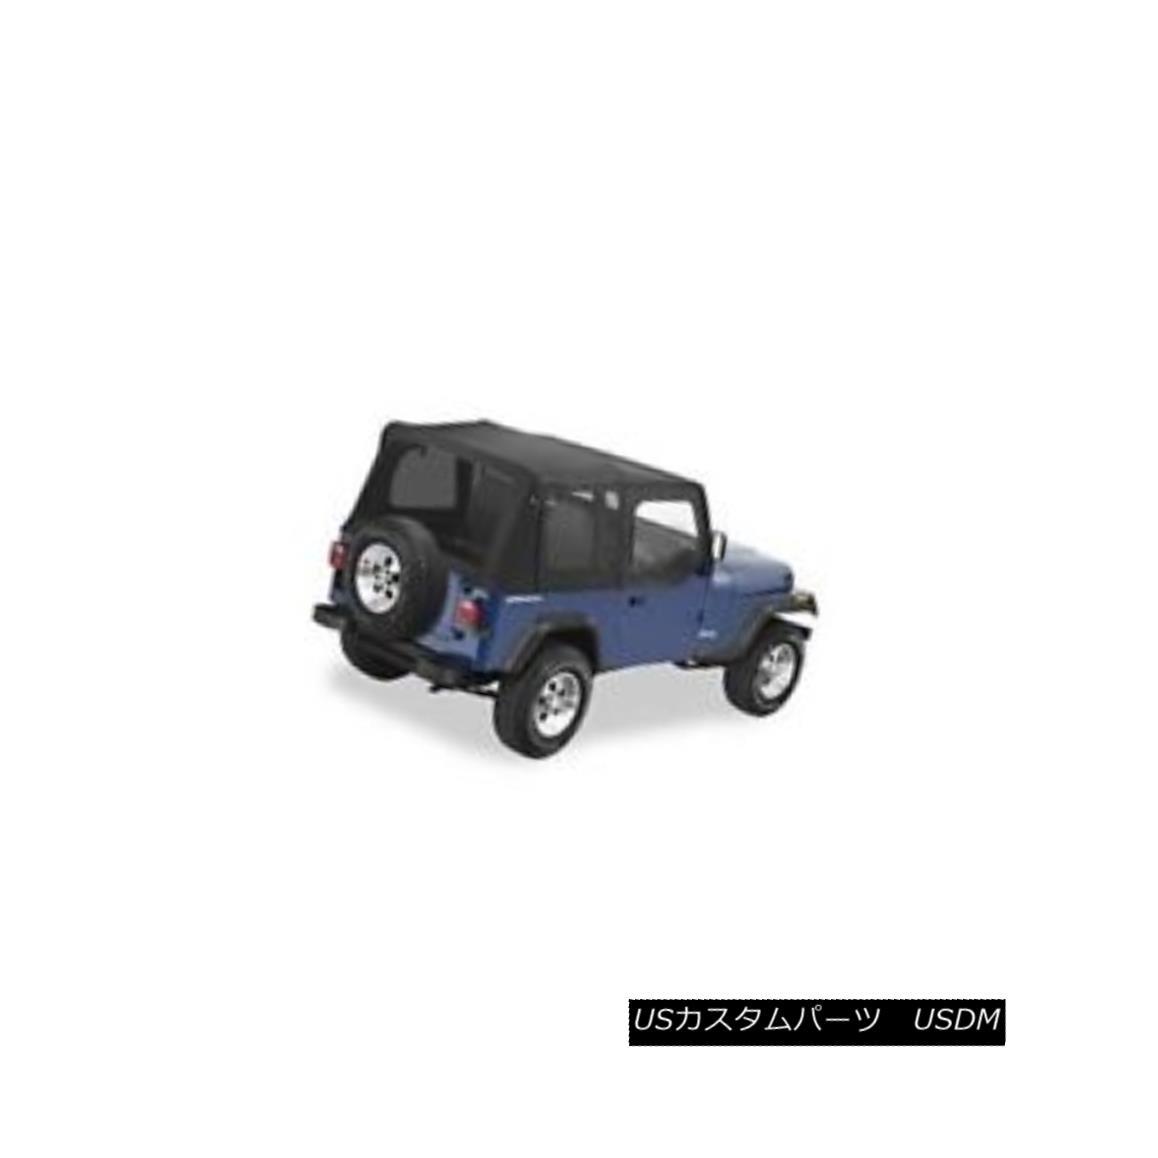 幌・ソフトトップ Pavement Ends 51132-15 Replay Soft Top Black Denim 1988-1993 Jeep Wrangler 舗装端51132-15リプレイソフトトップブラックデニム1988-1993 Jeep Wrangler